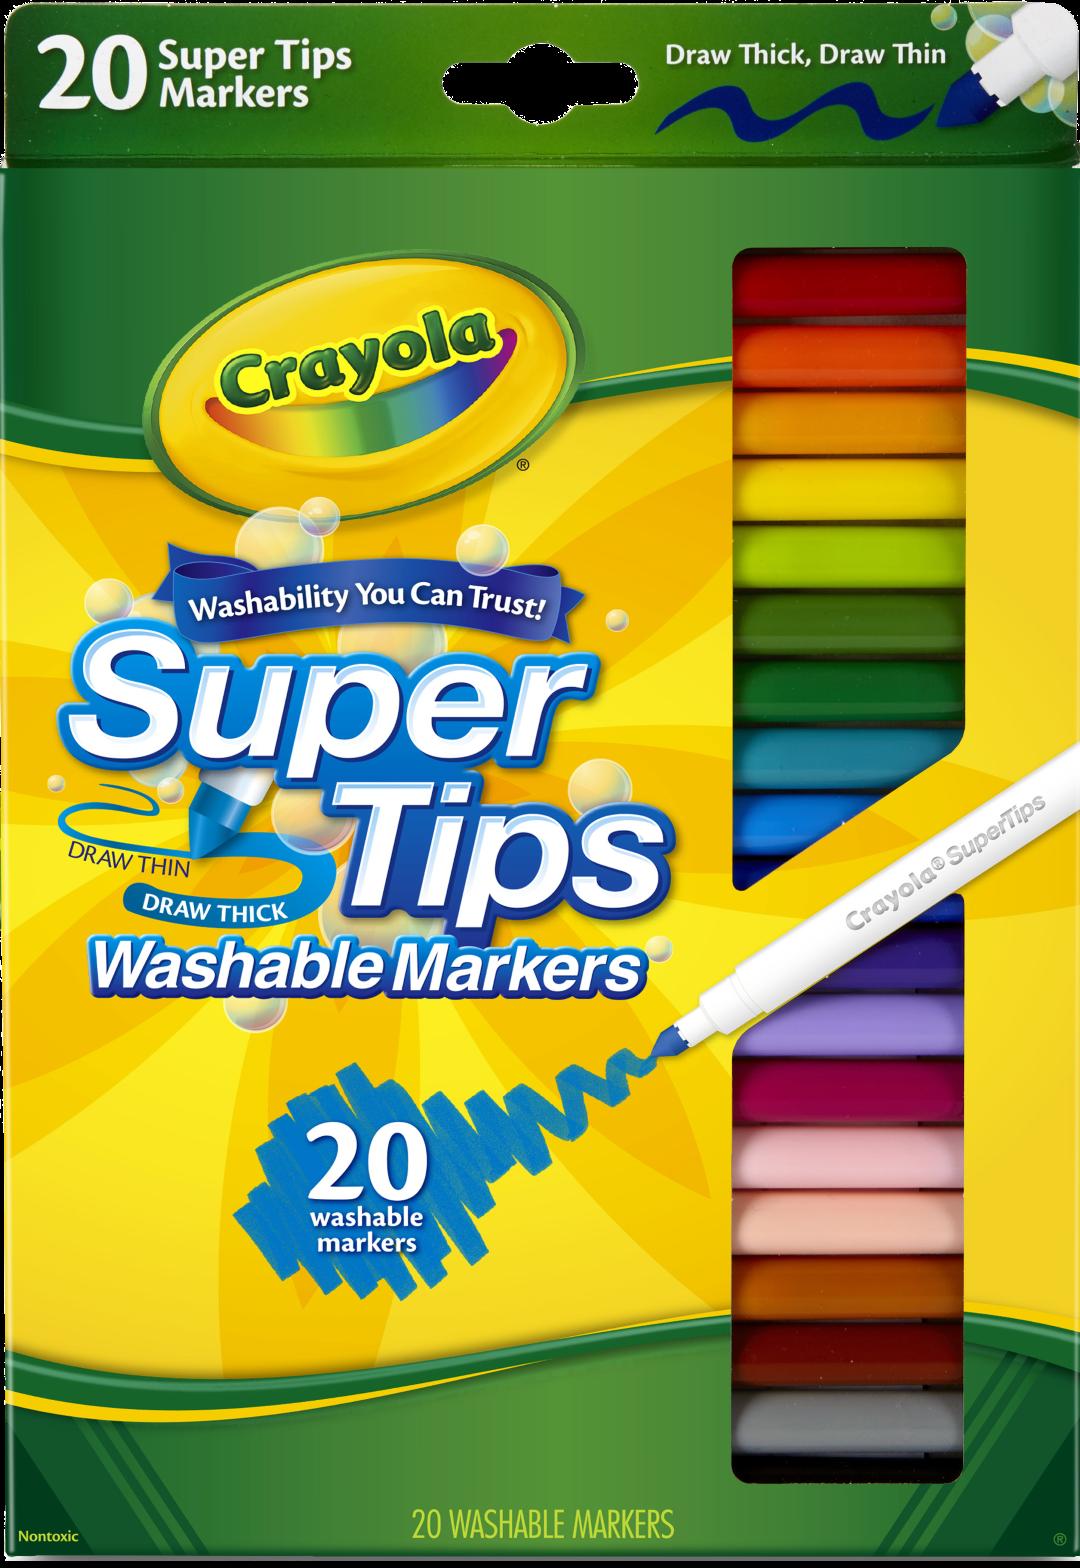 Crayola สีเมจิกล้างออกได้20สี ซุปเปอร์ทิปส์ ( Crayola Supertips ).